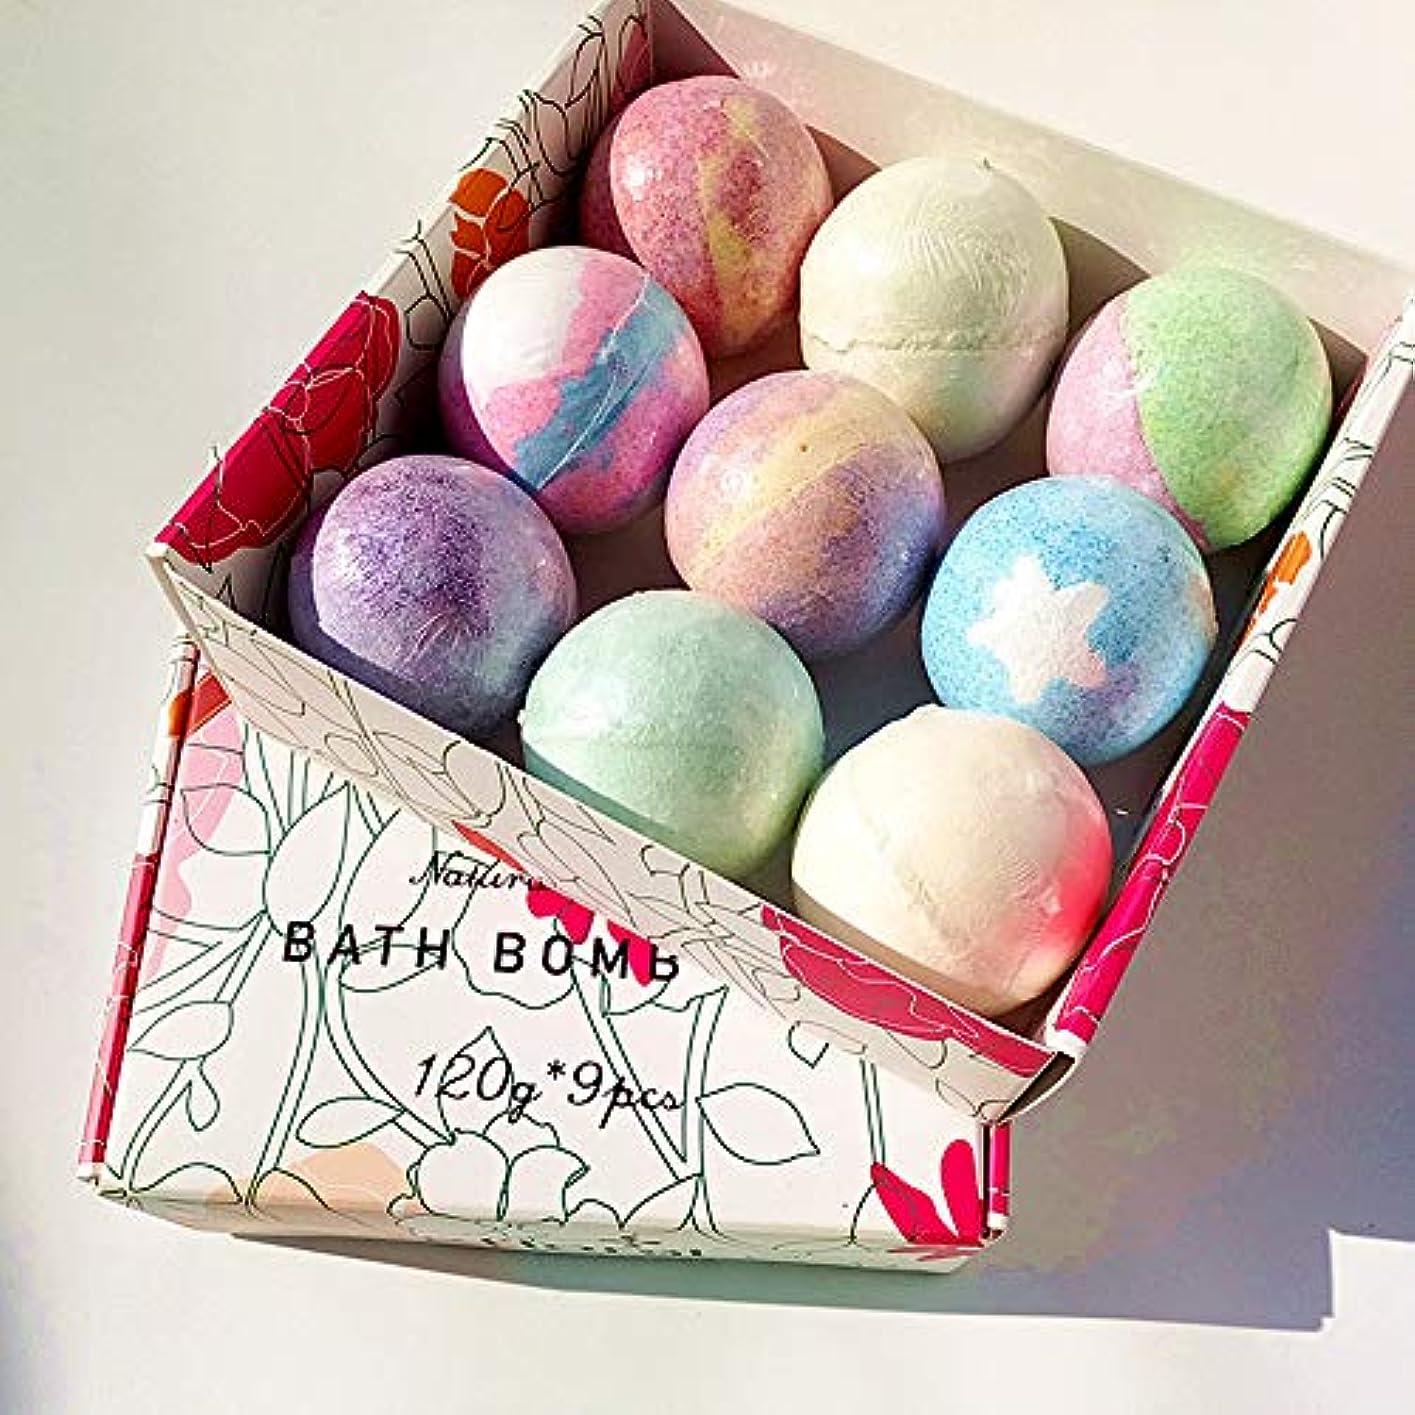 バスボム 炭酸 入浴剤 ギフト 手作り お風呂用 9つの香りキット 天然素材 カラフル バスボール 母の日 結婚記念日 プレゼント